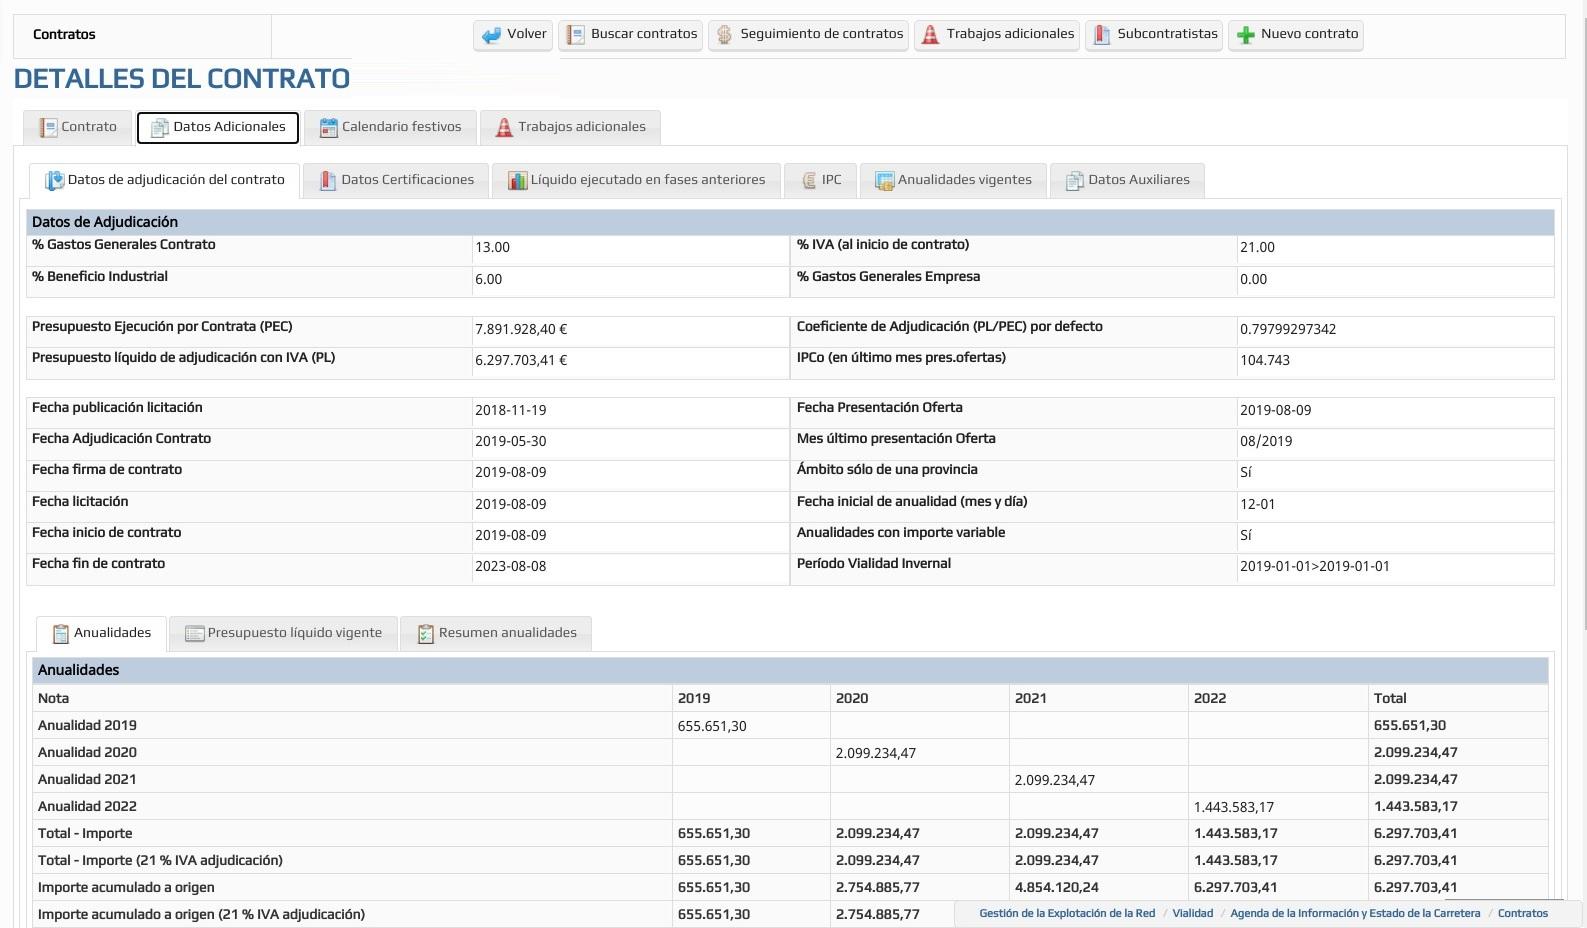 INFOSEG - Datos de contrato